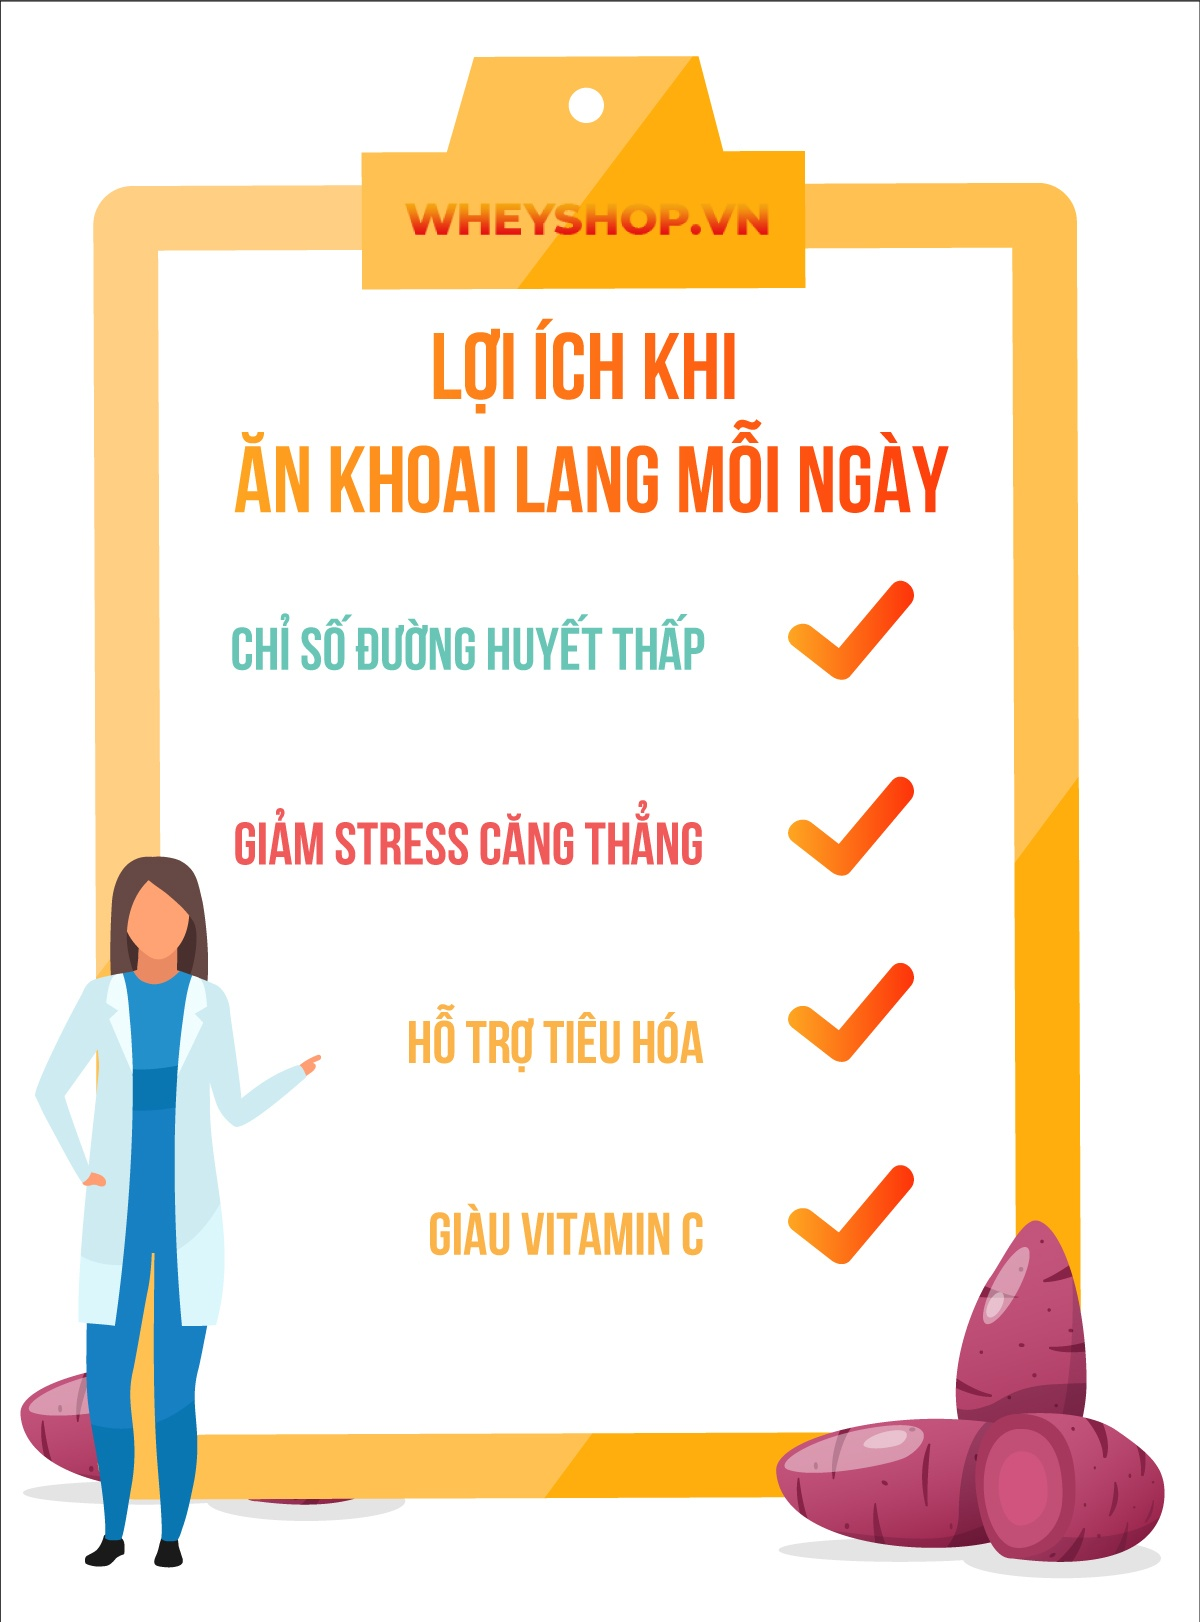 Khoai lang có phải thực phẩm giảm cân hiệu quả? Khoai lang bao nhiêu calo? Tìm hiểu ngay bài viết về cách giảm cân với khoai lang...